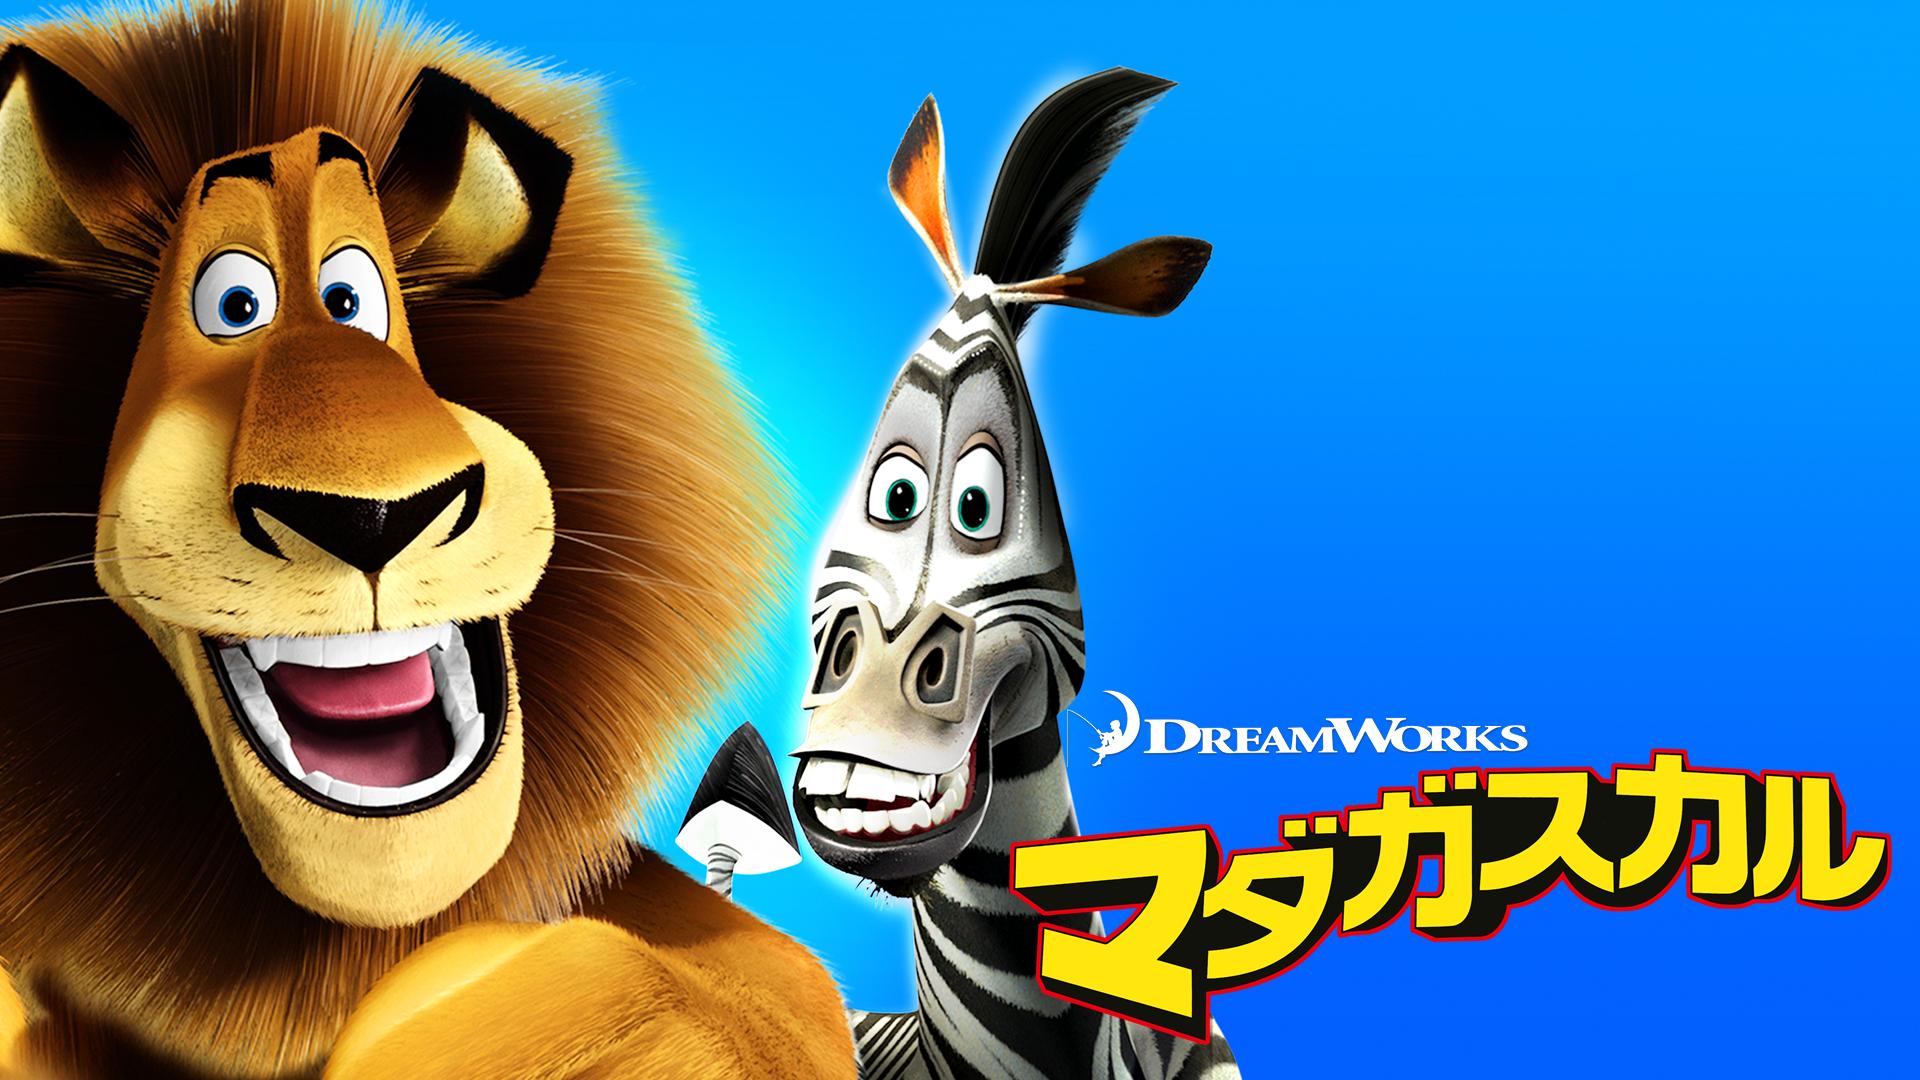 映画『マダガスカル』無料動画をフル視聴(吹き替え・日本語字幕)できる動画配信サービスを紹介